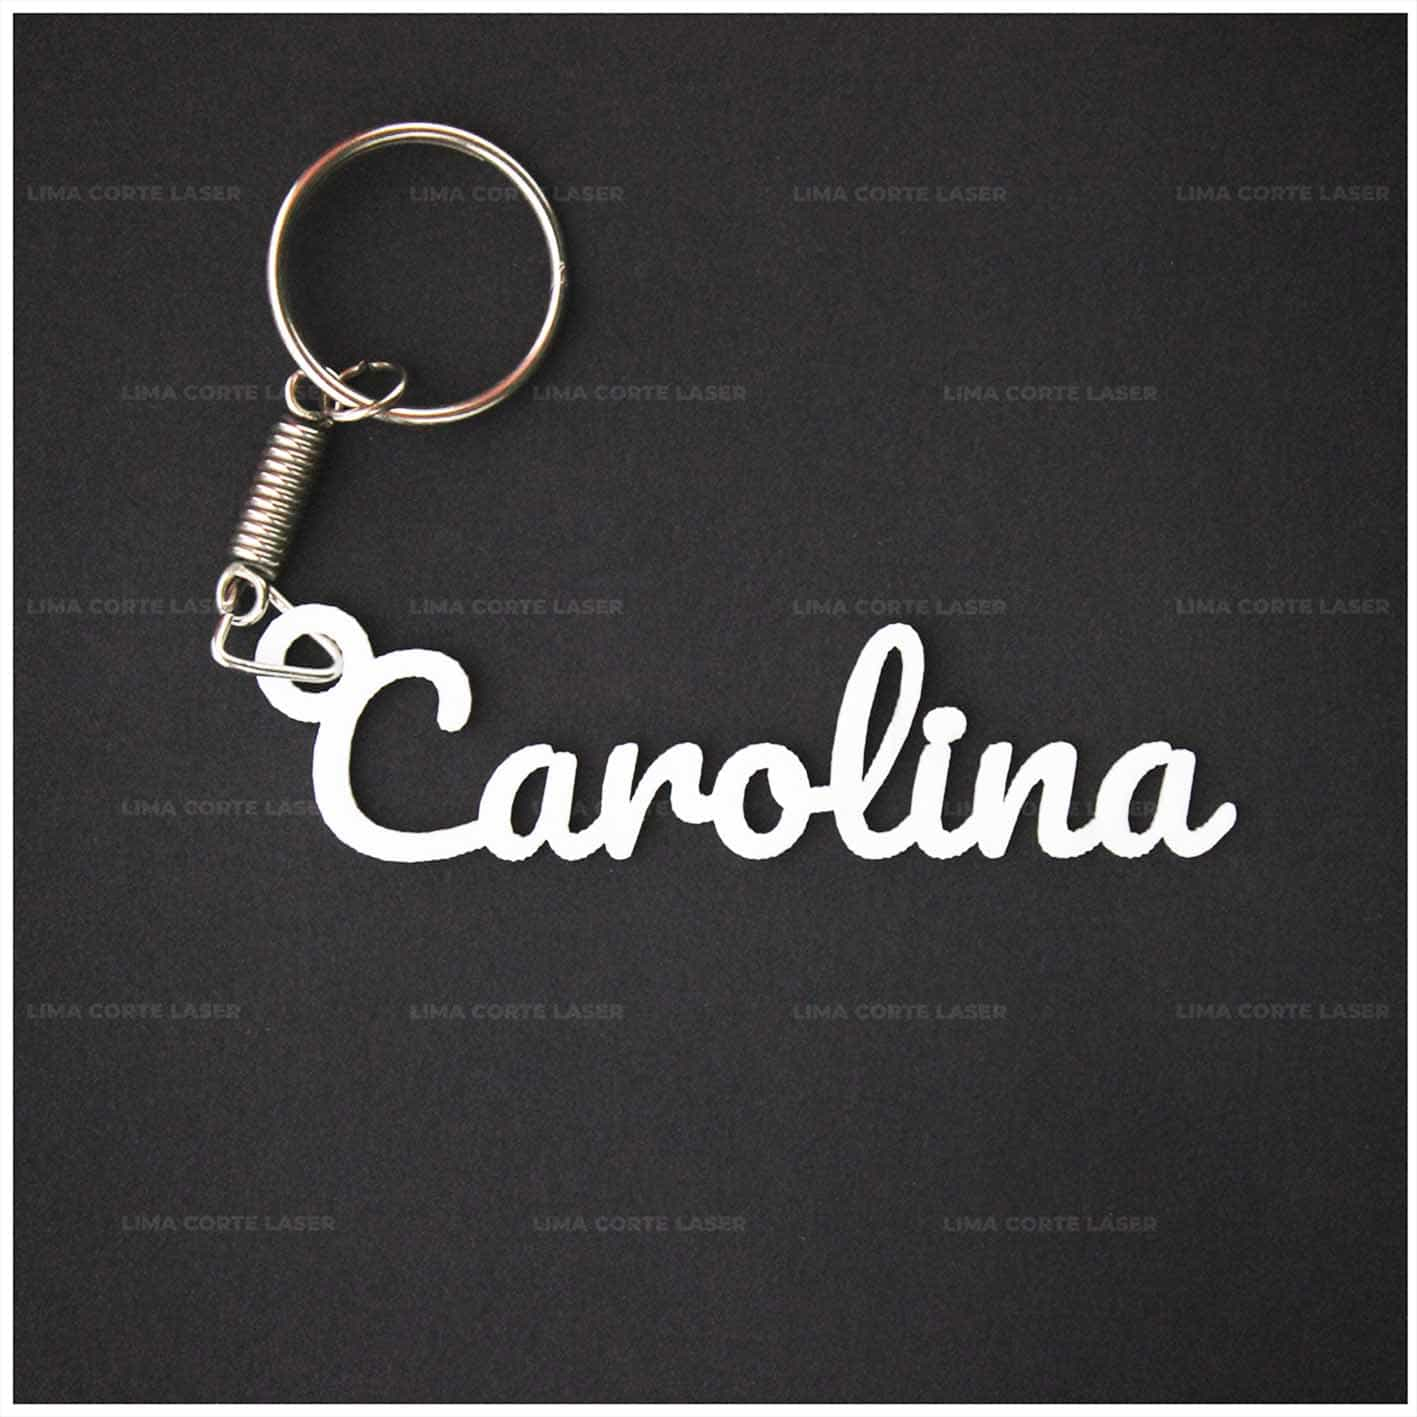 Corte láser acrílico con forma de llavero personalizado con nombre Carolina